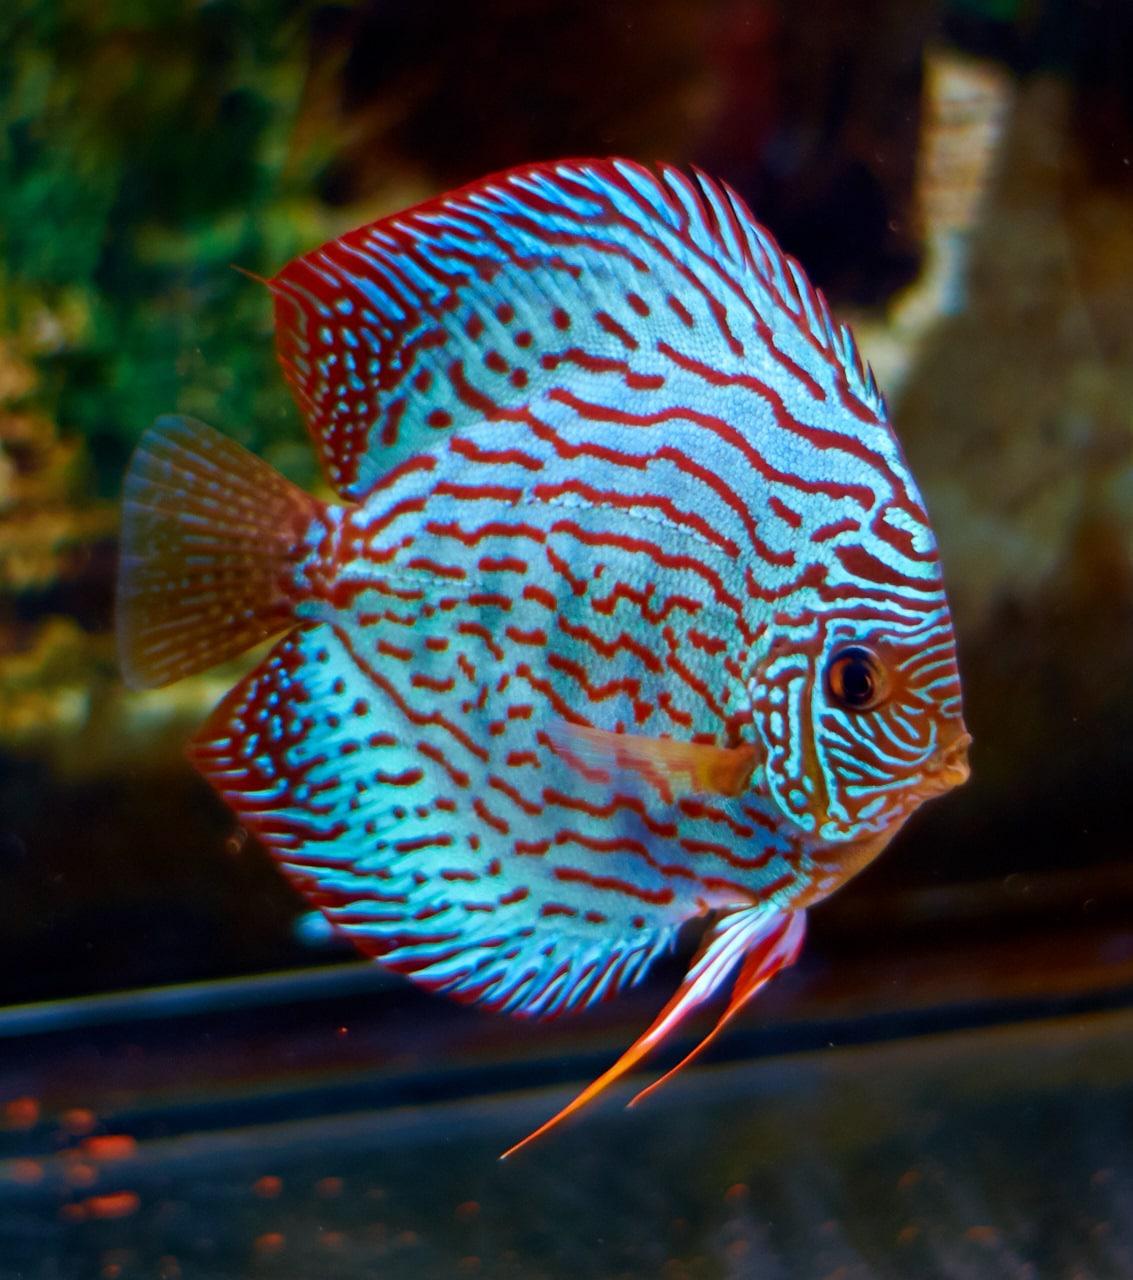 Дискус из семейства цихловых рыб